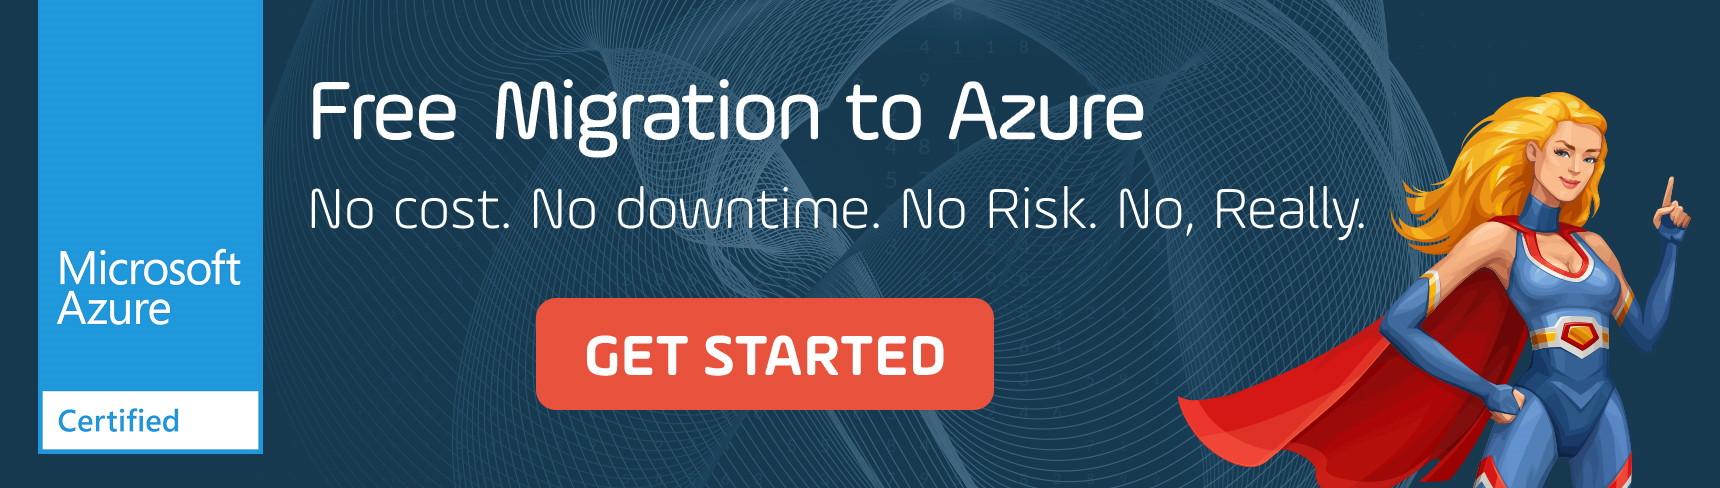 Free cloud migration offer banner